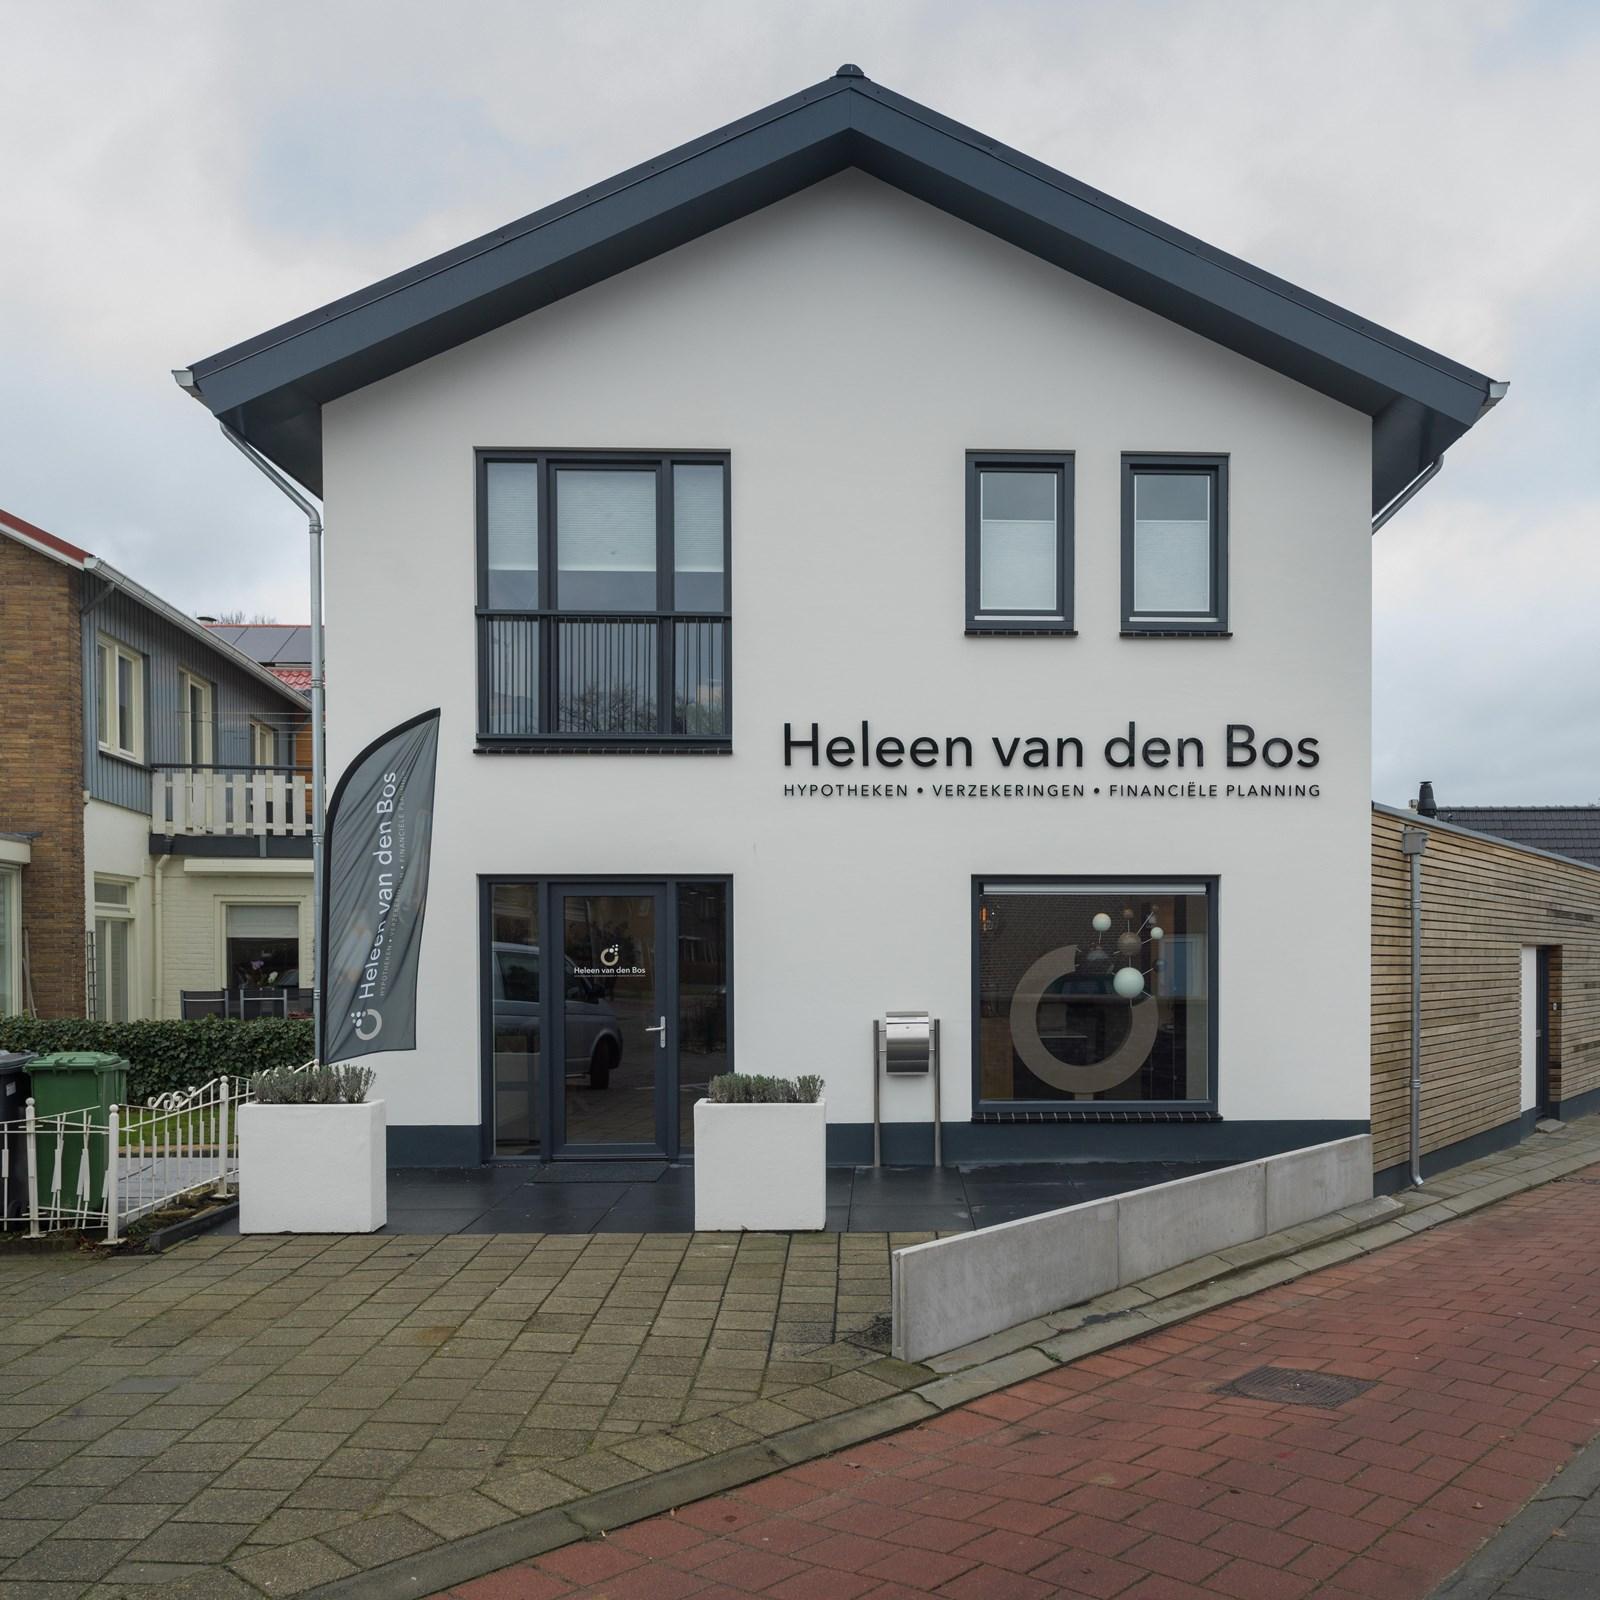 Heleen van den Bos Hypotheken